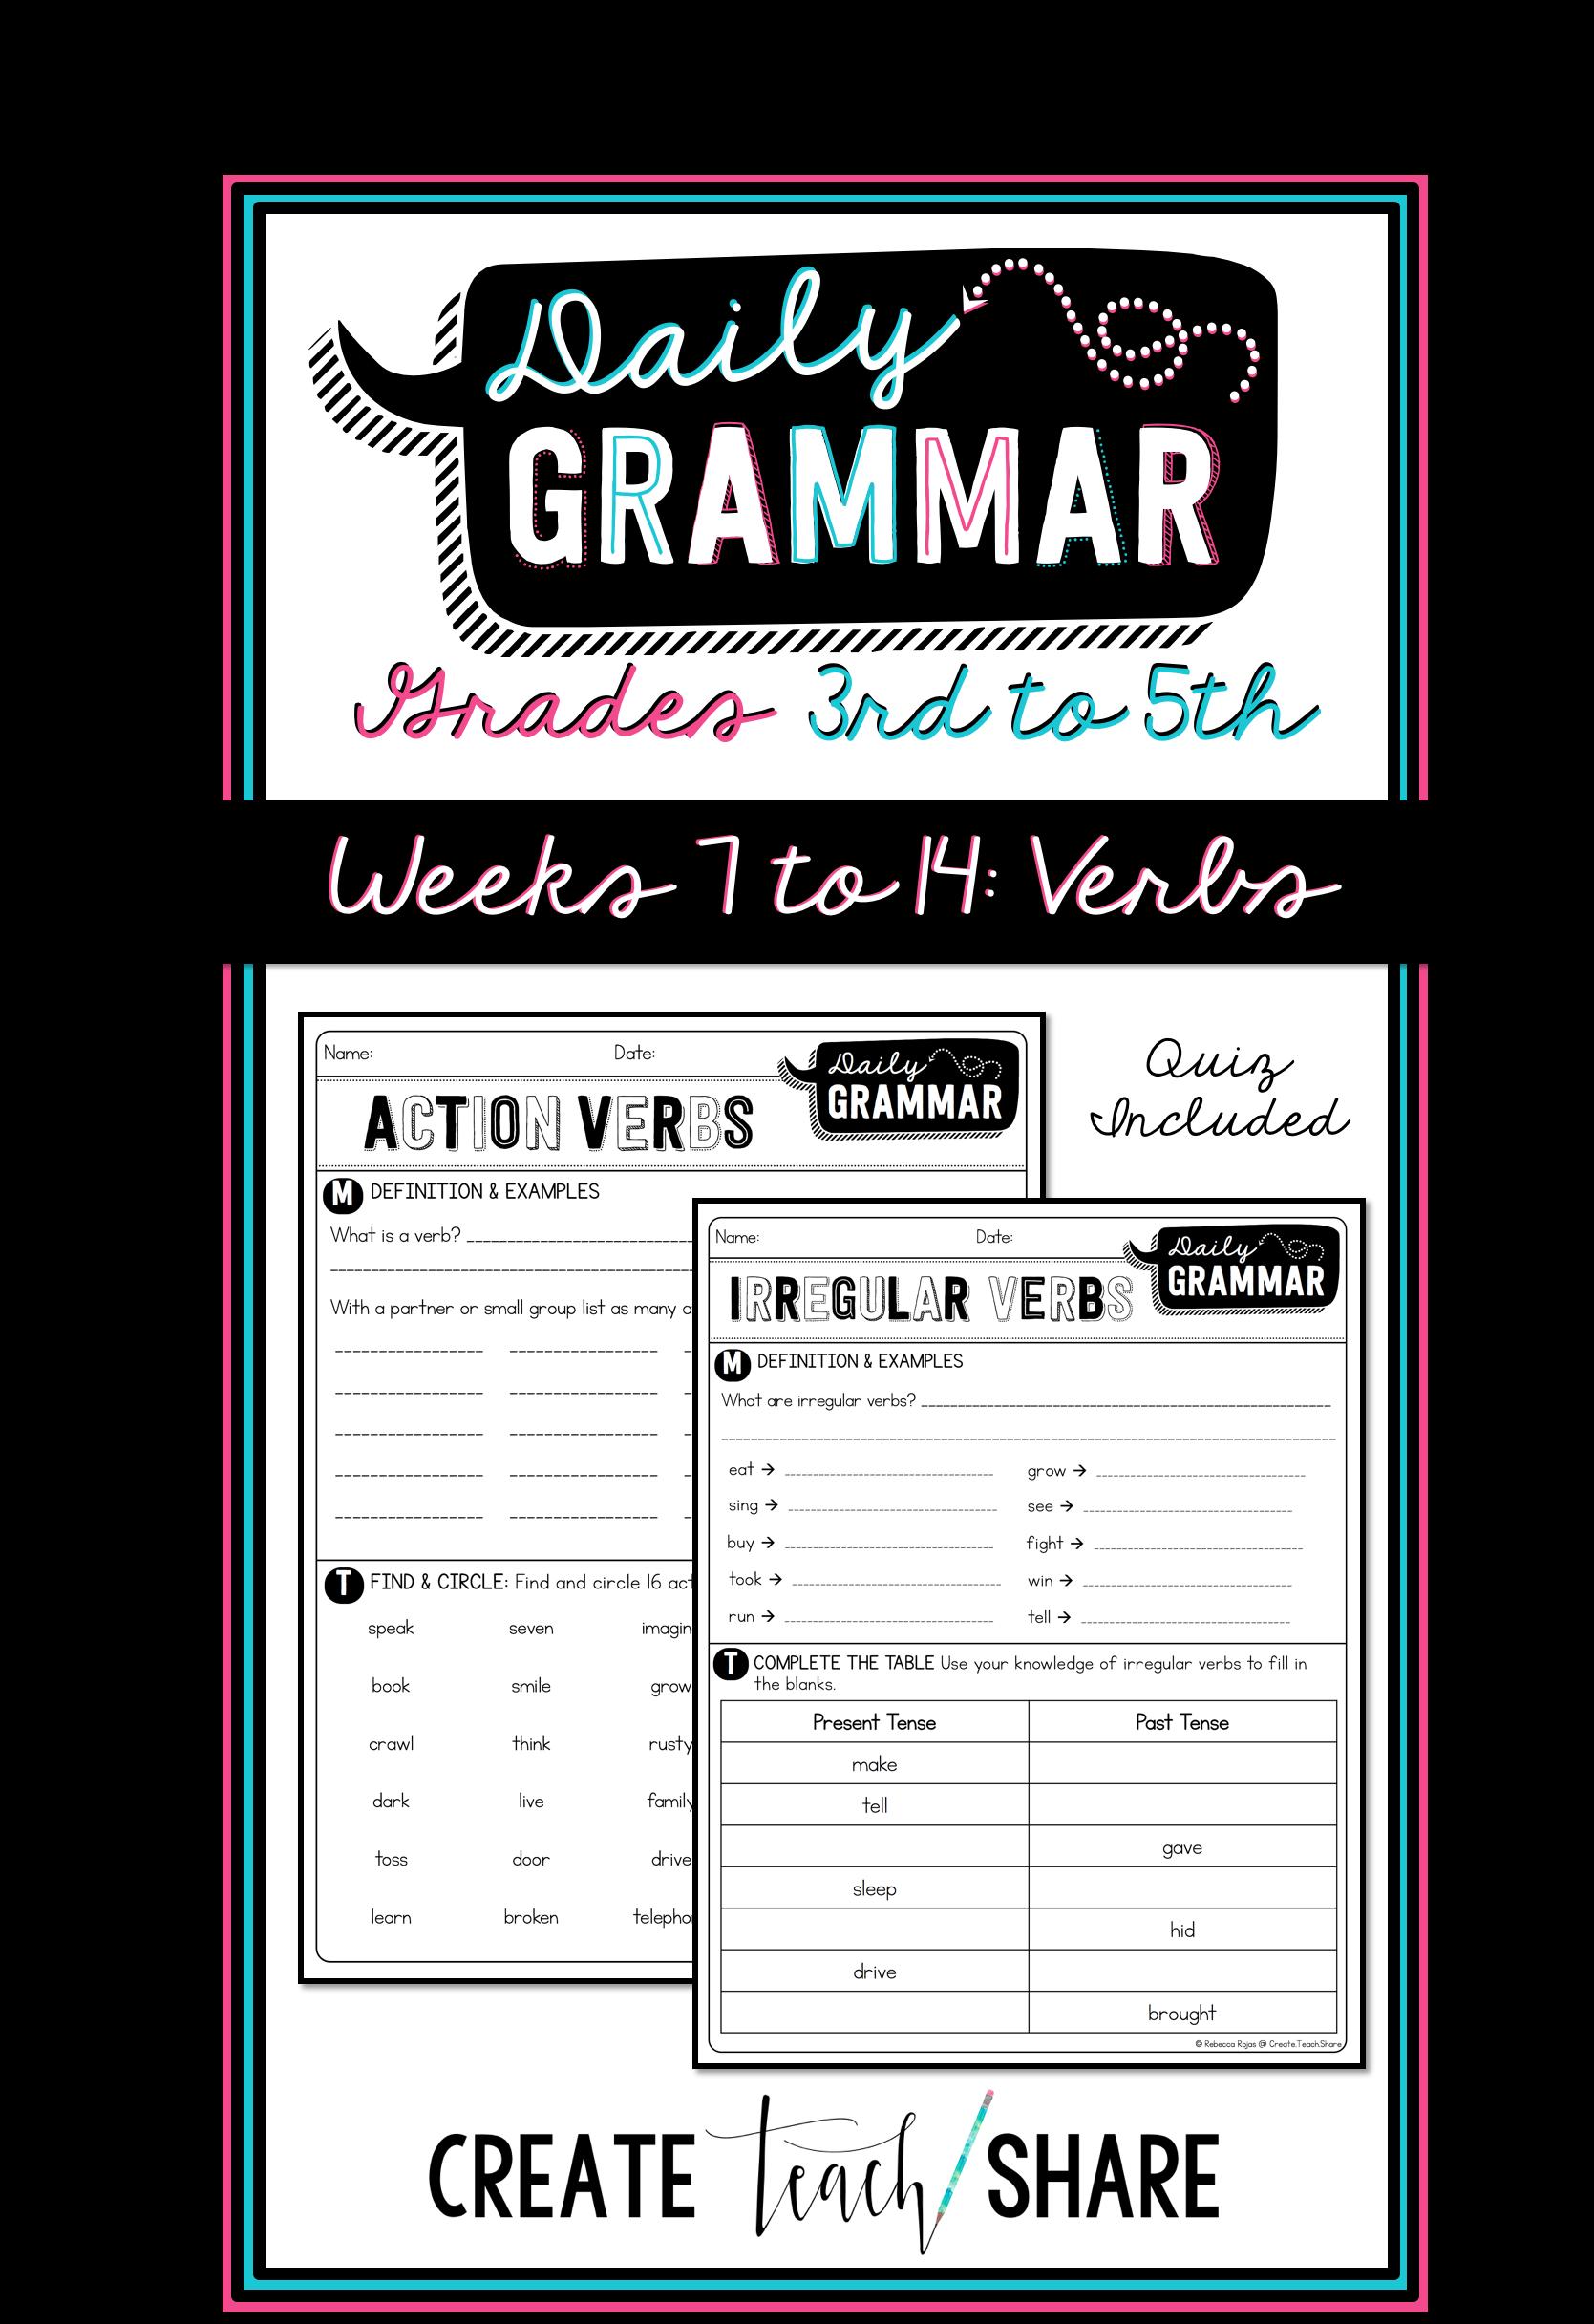 Worksheets Daily Grammar Practice Worksheets worksheets daily grammar practice tokyoobserver just verbs verbs